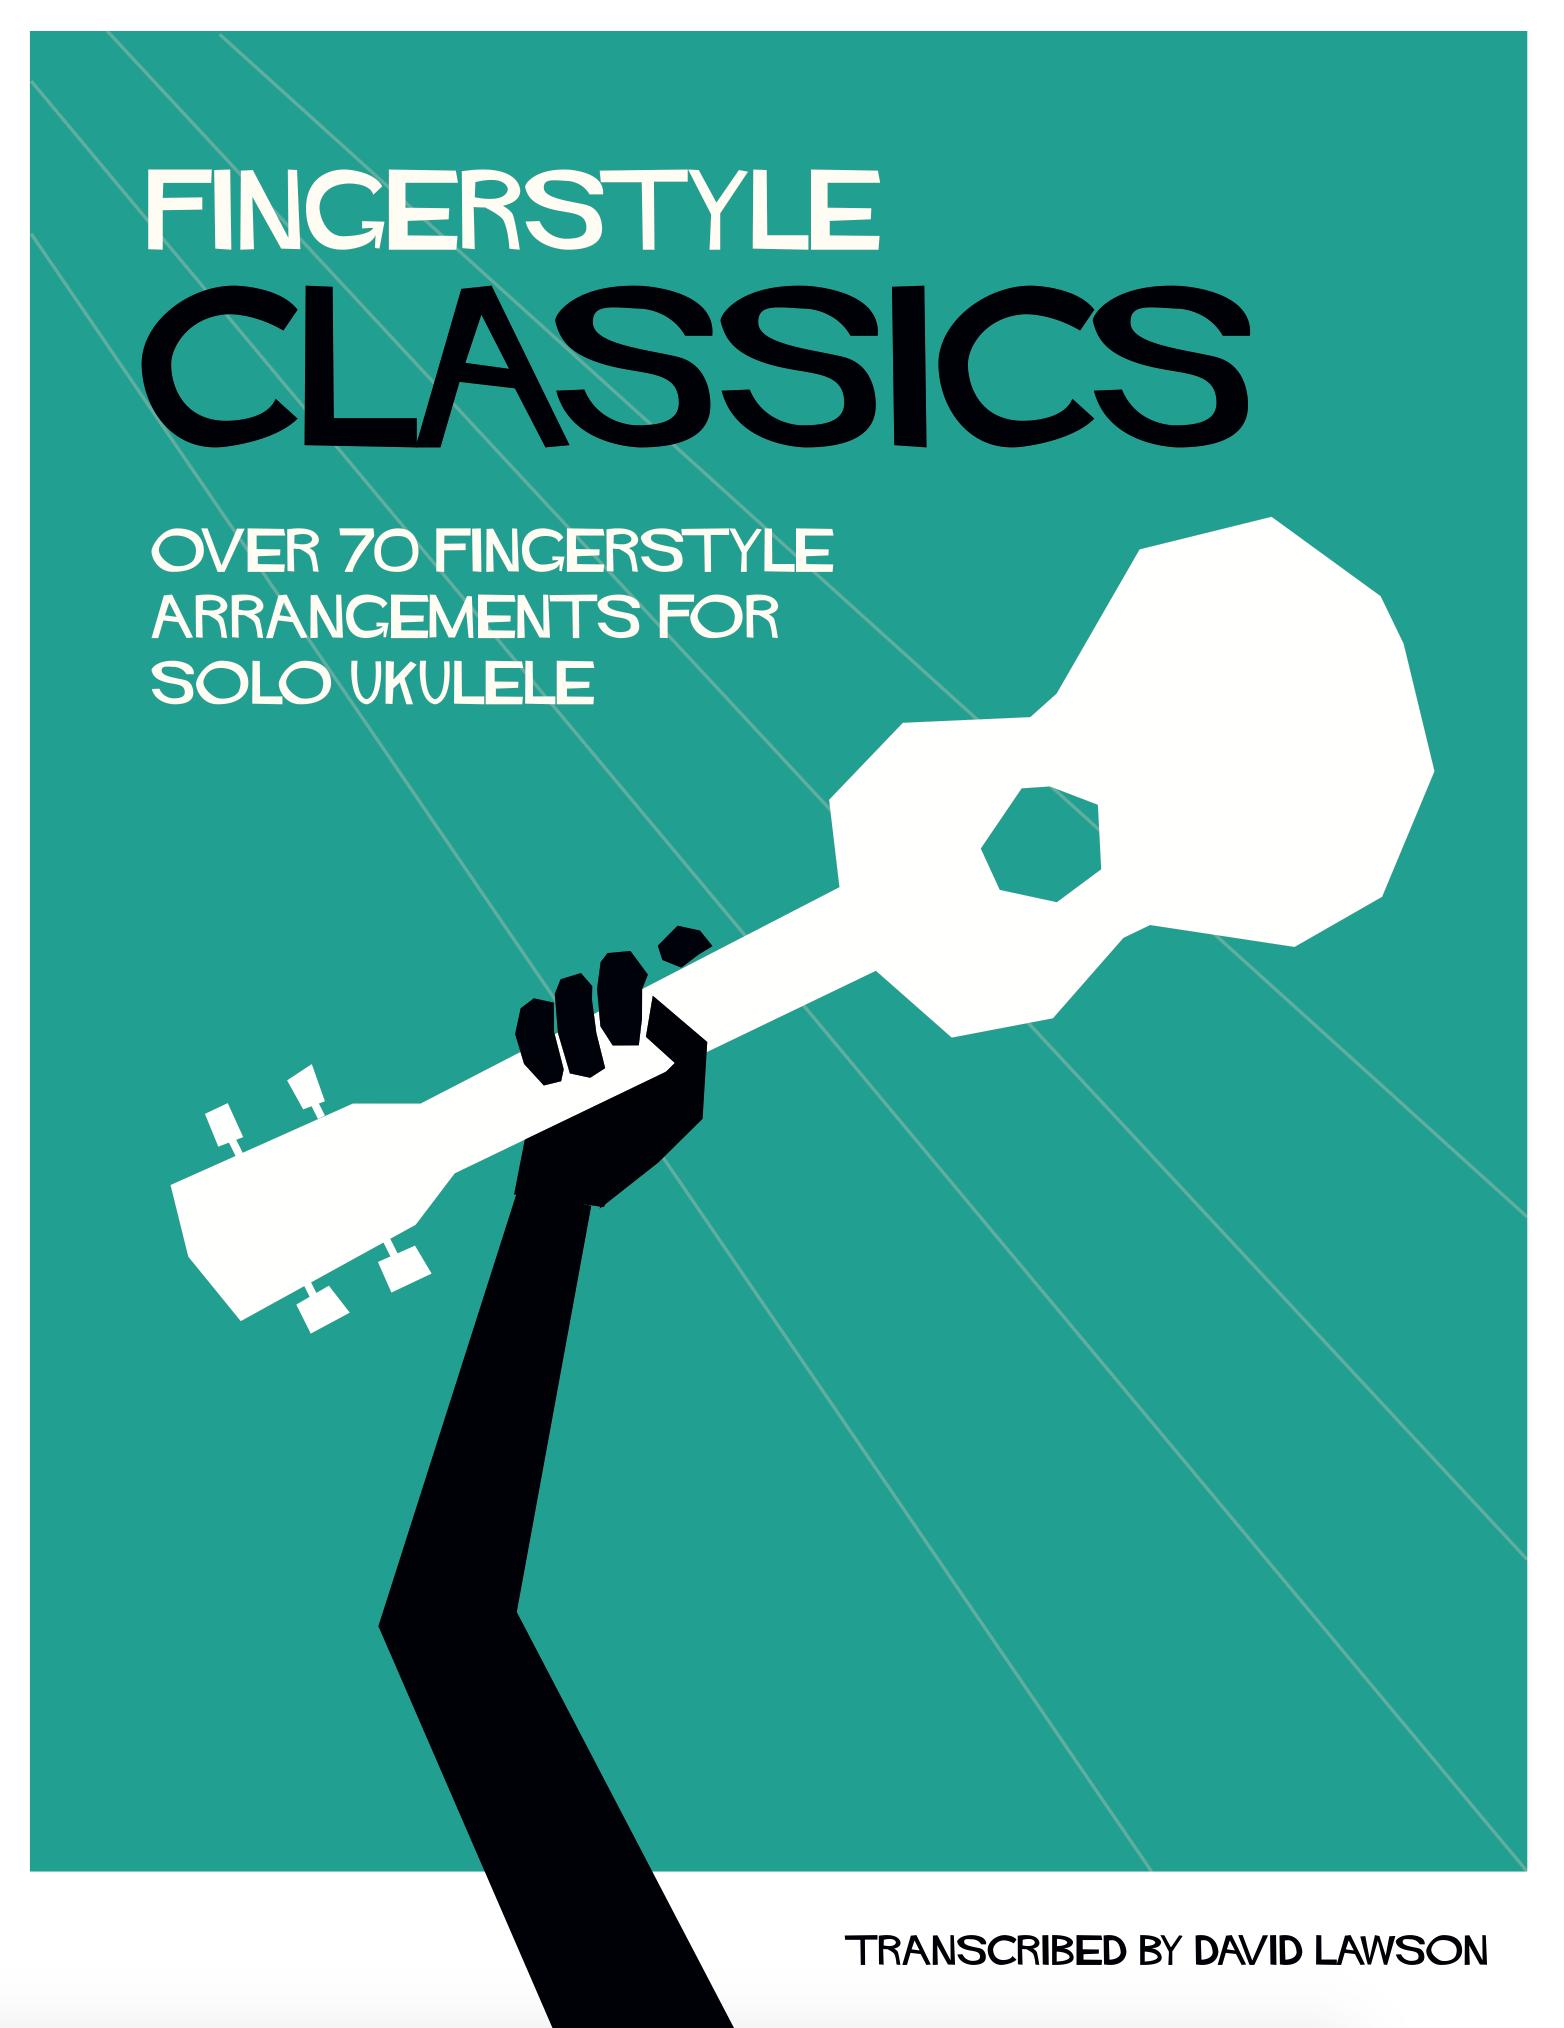 Ukulele Fingerstyle Classic Ebook